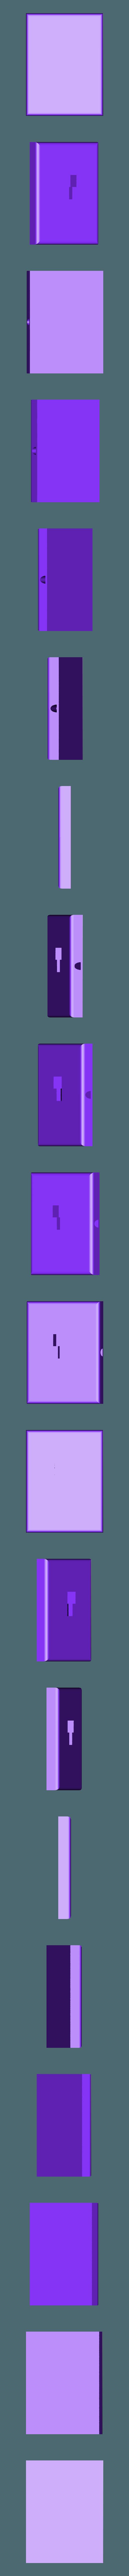 Left.STL Télécharger fichier STL gratuit Échiquier vertical, alias l'Échiquier à l'épreuve des chats • Design à imprimer en 3D, SSilver